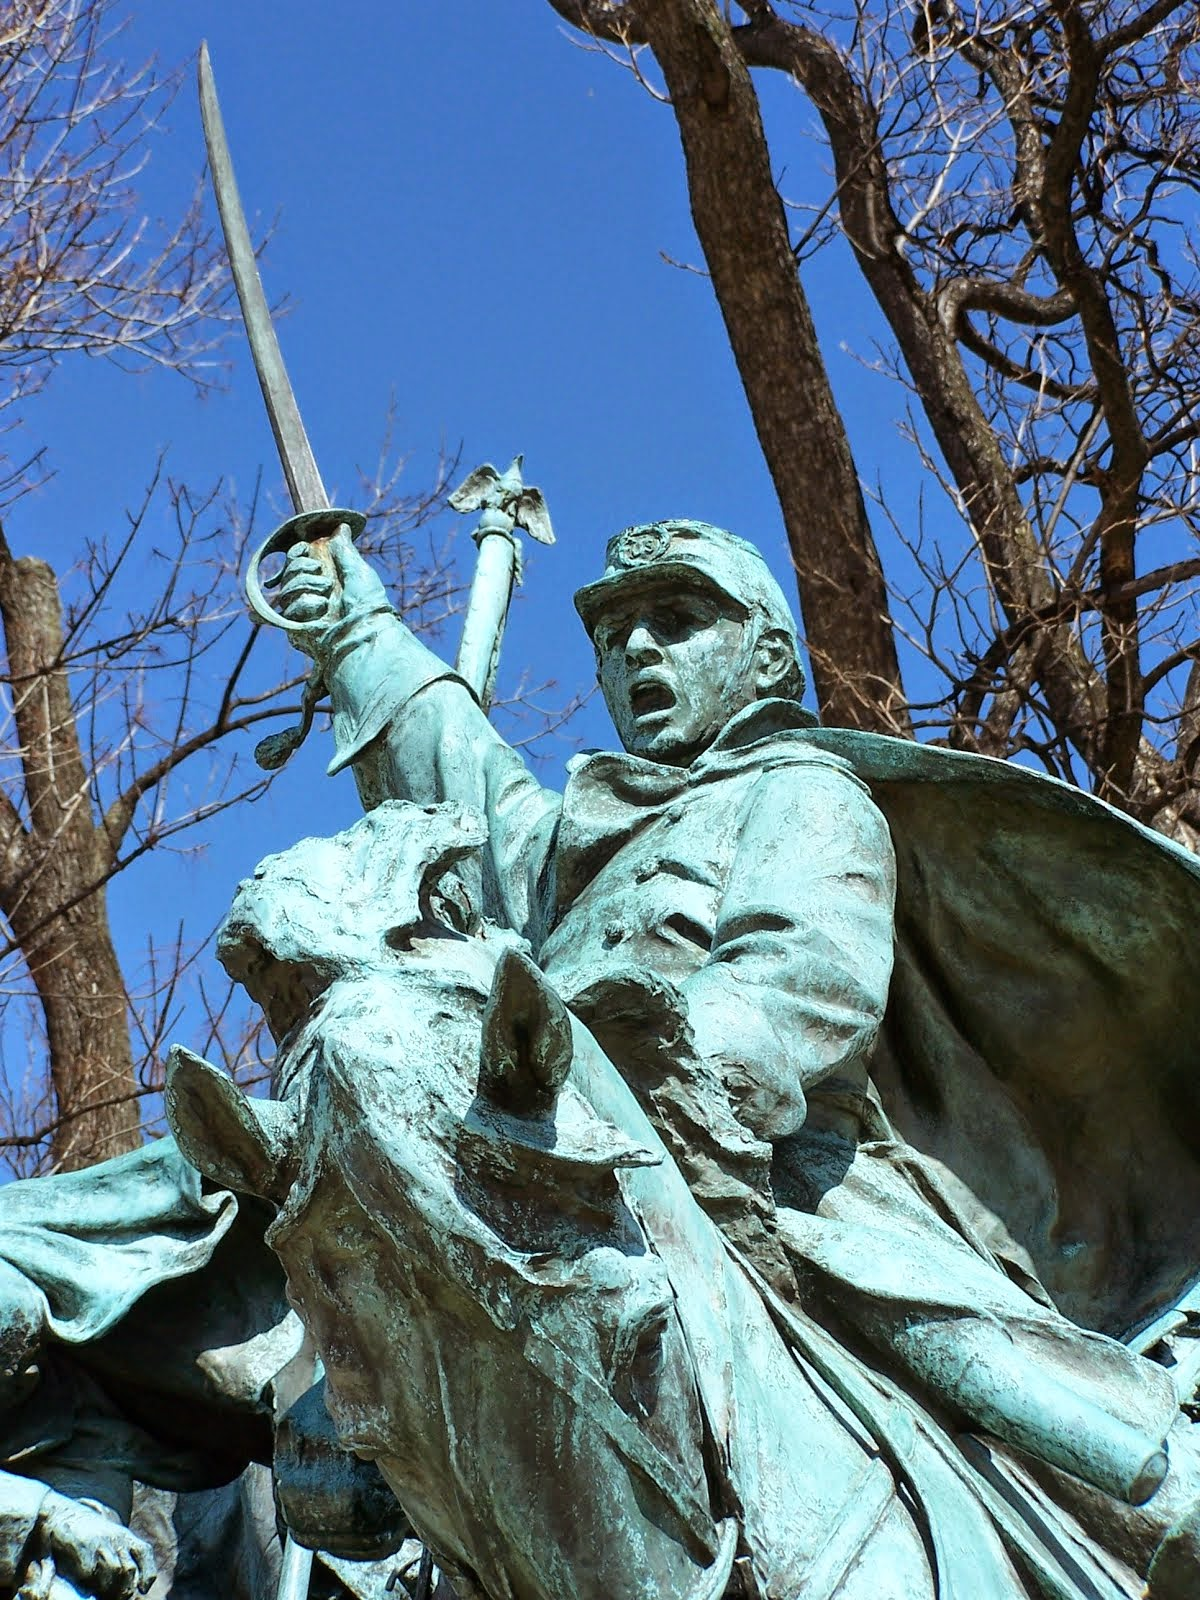 U.S. Grant Memorial